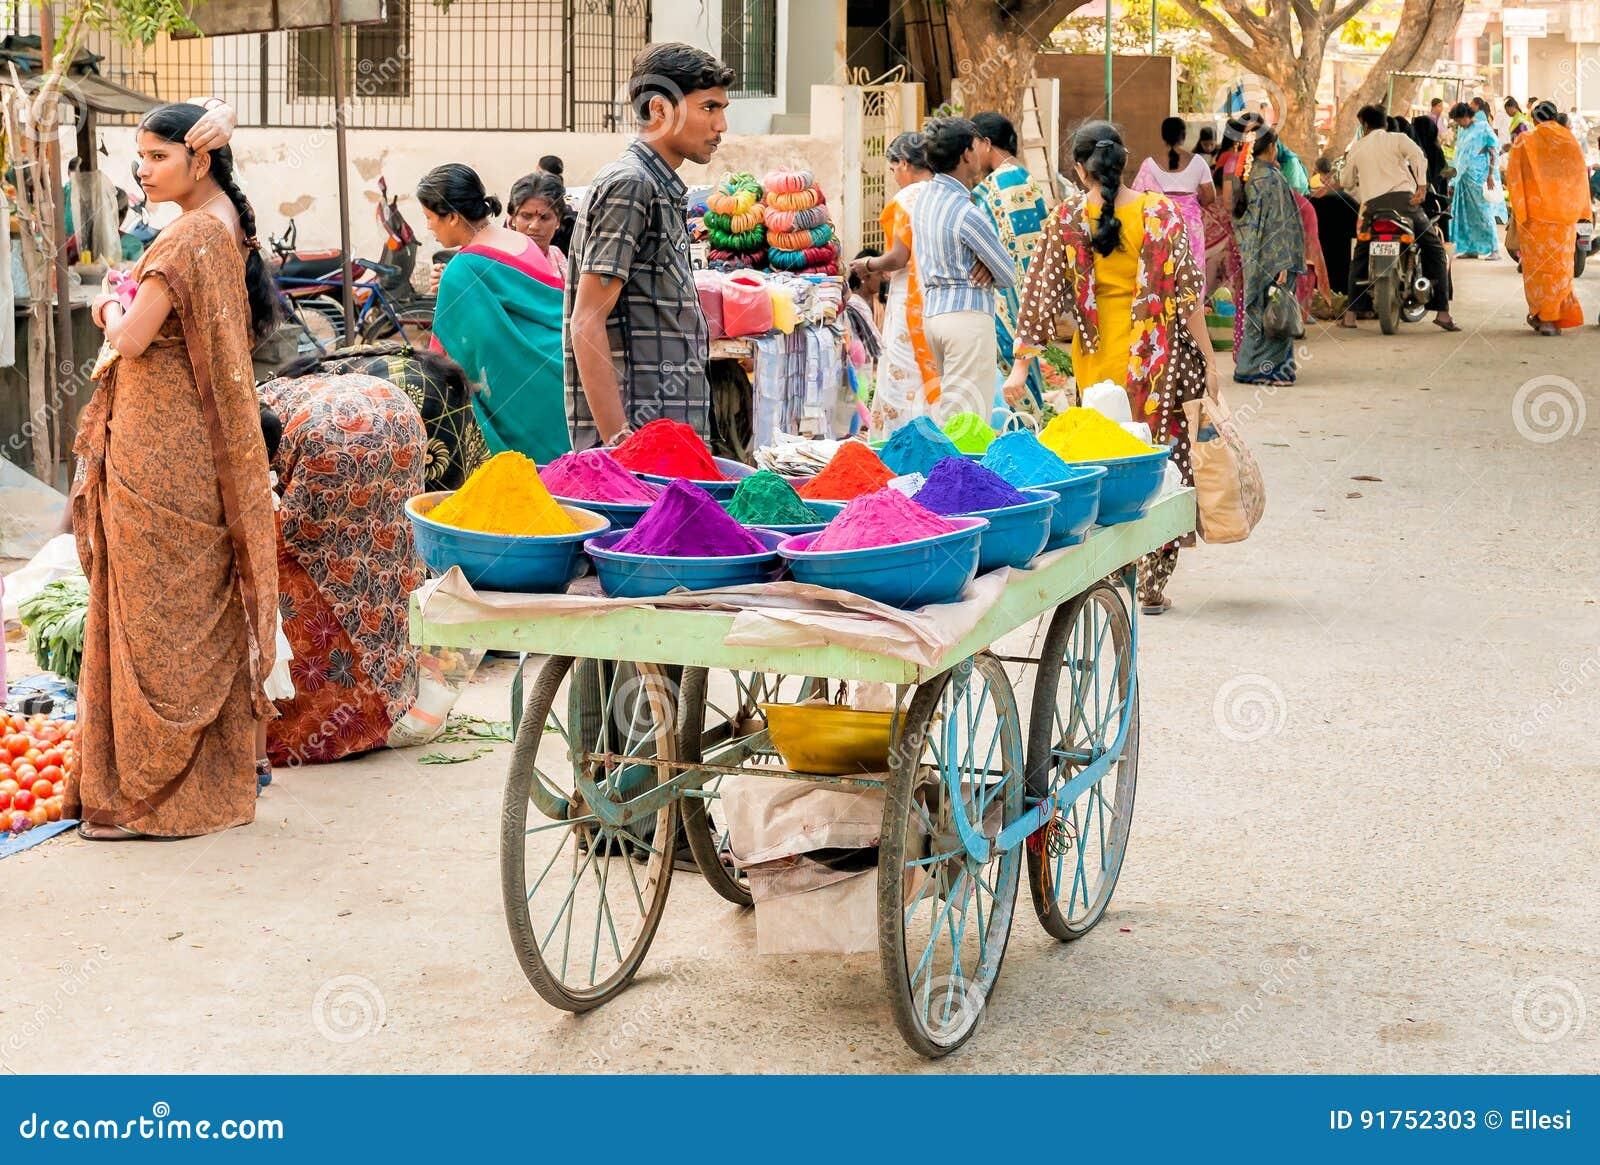 Pós coloridos do tika da venda do vendedor ambulante no mercado de rua de Puttaparthi, Índia